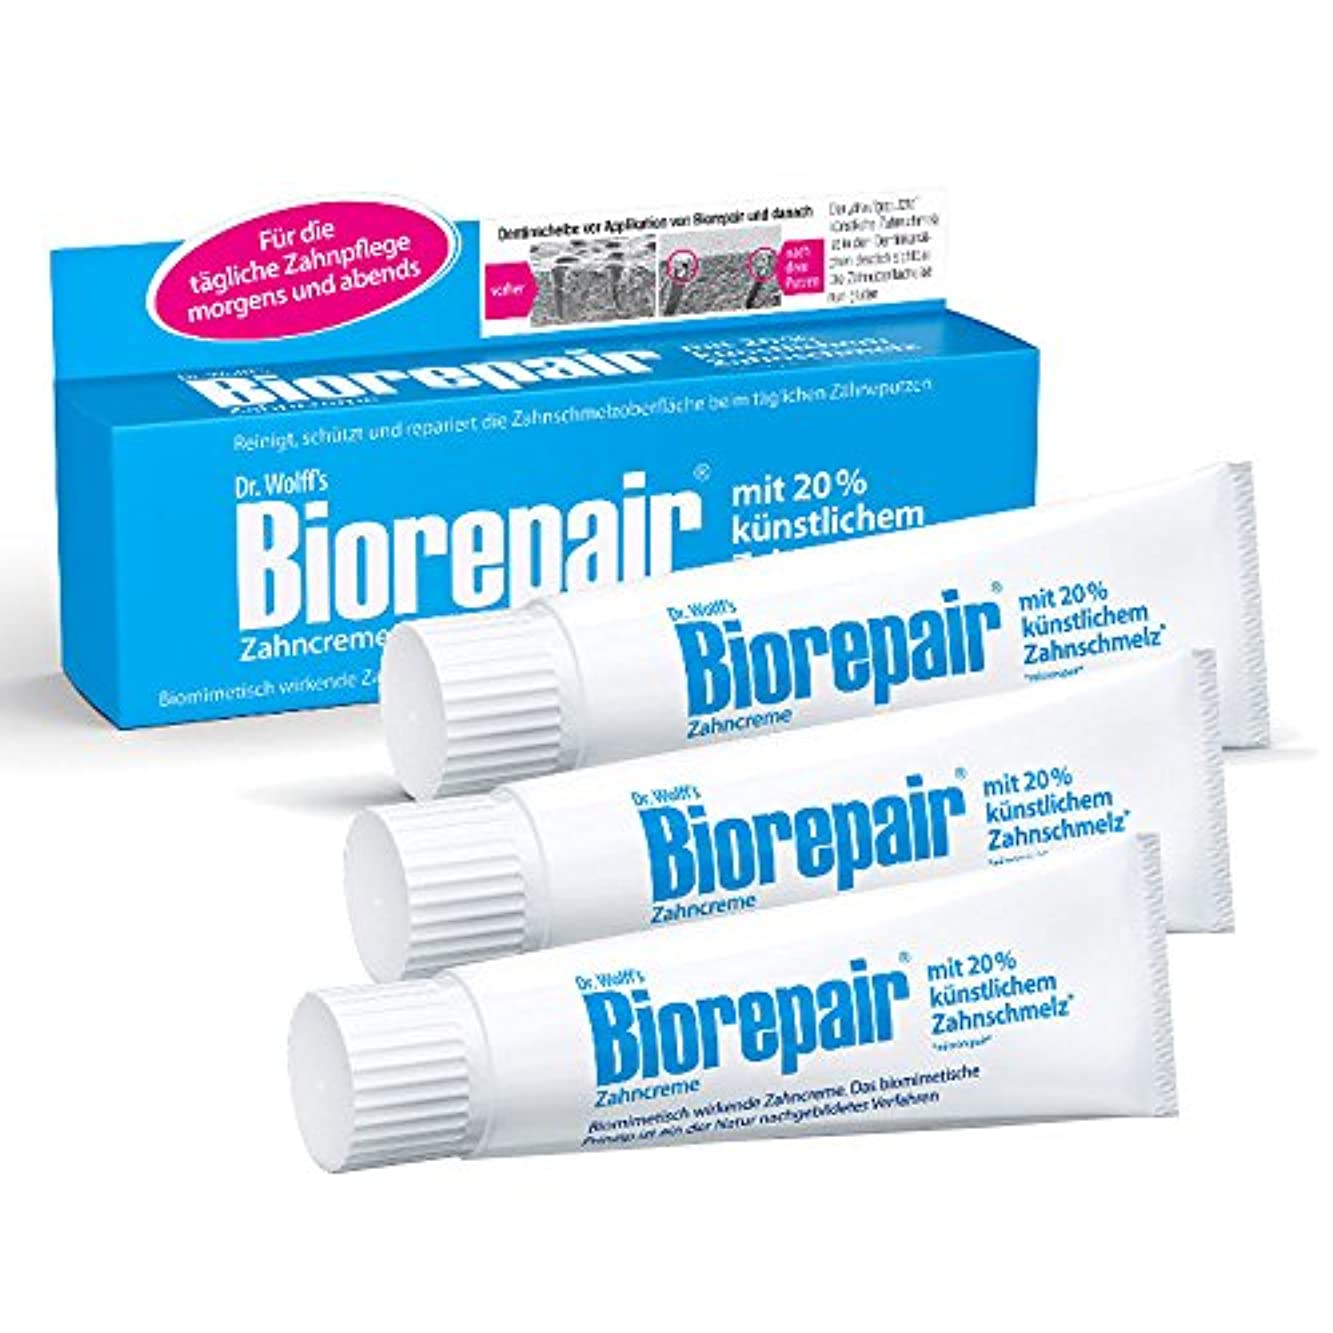 ジャングルクランプ落ち着いたBiorepair 歯磨き粉オリジナル、75ml 歯の保護 耐摩耗性 x 3 [並行輸入品]